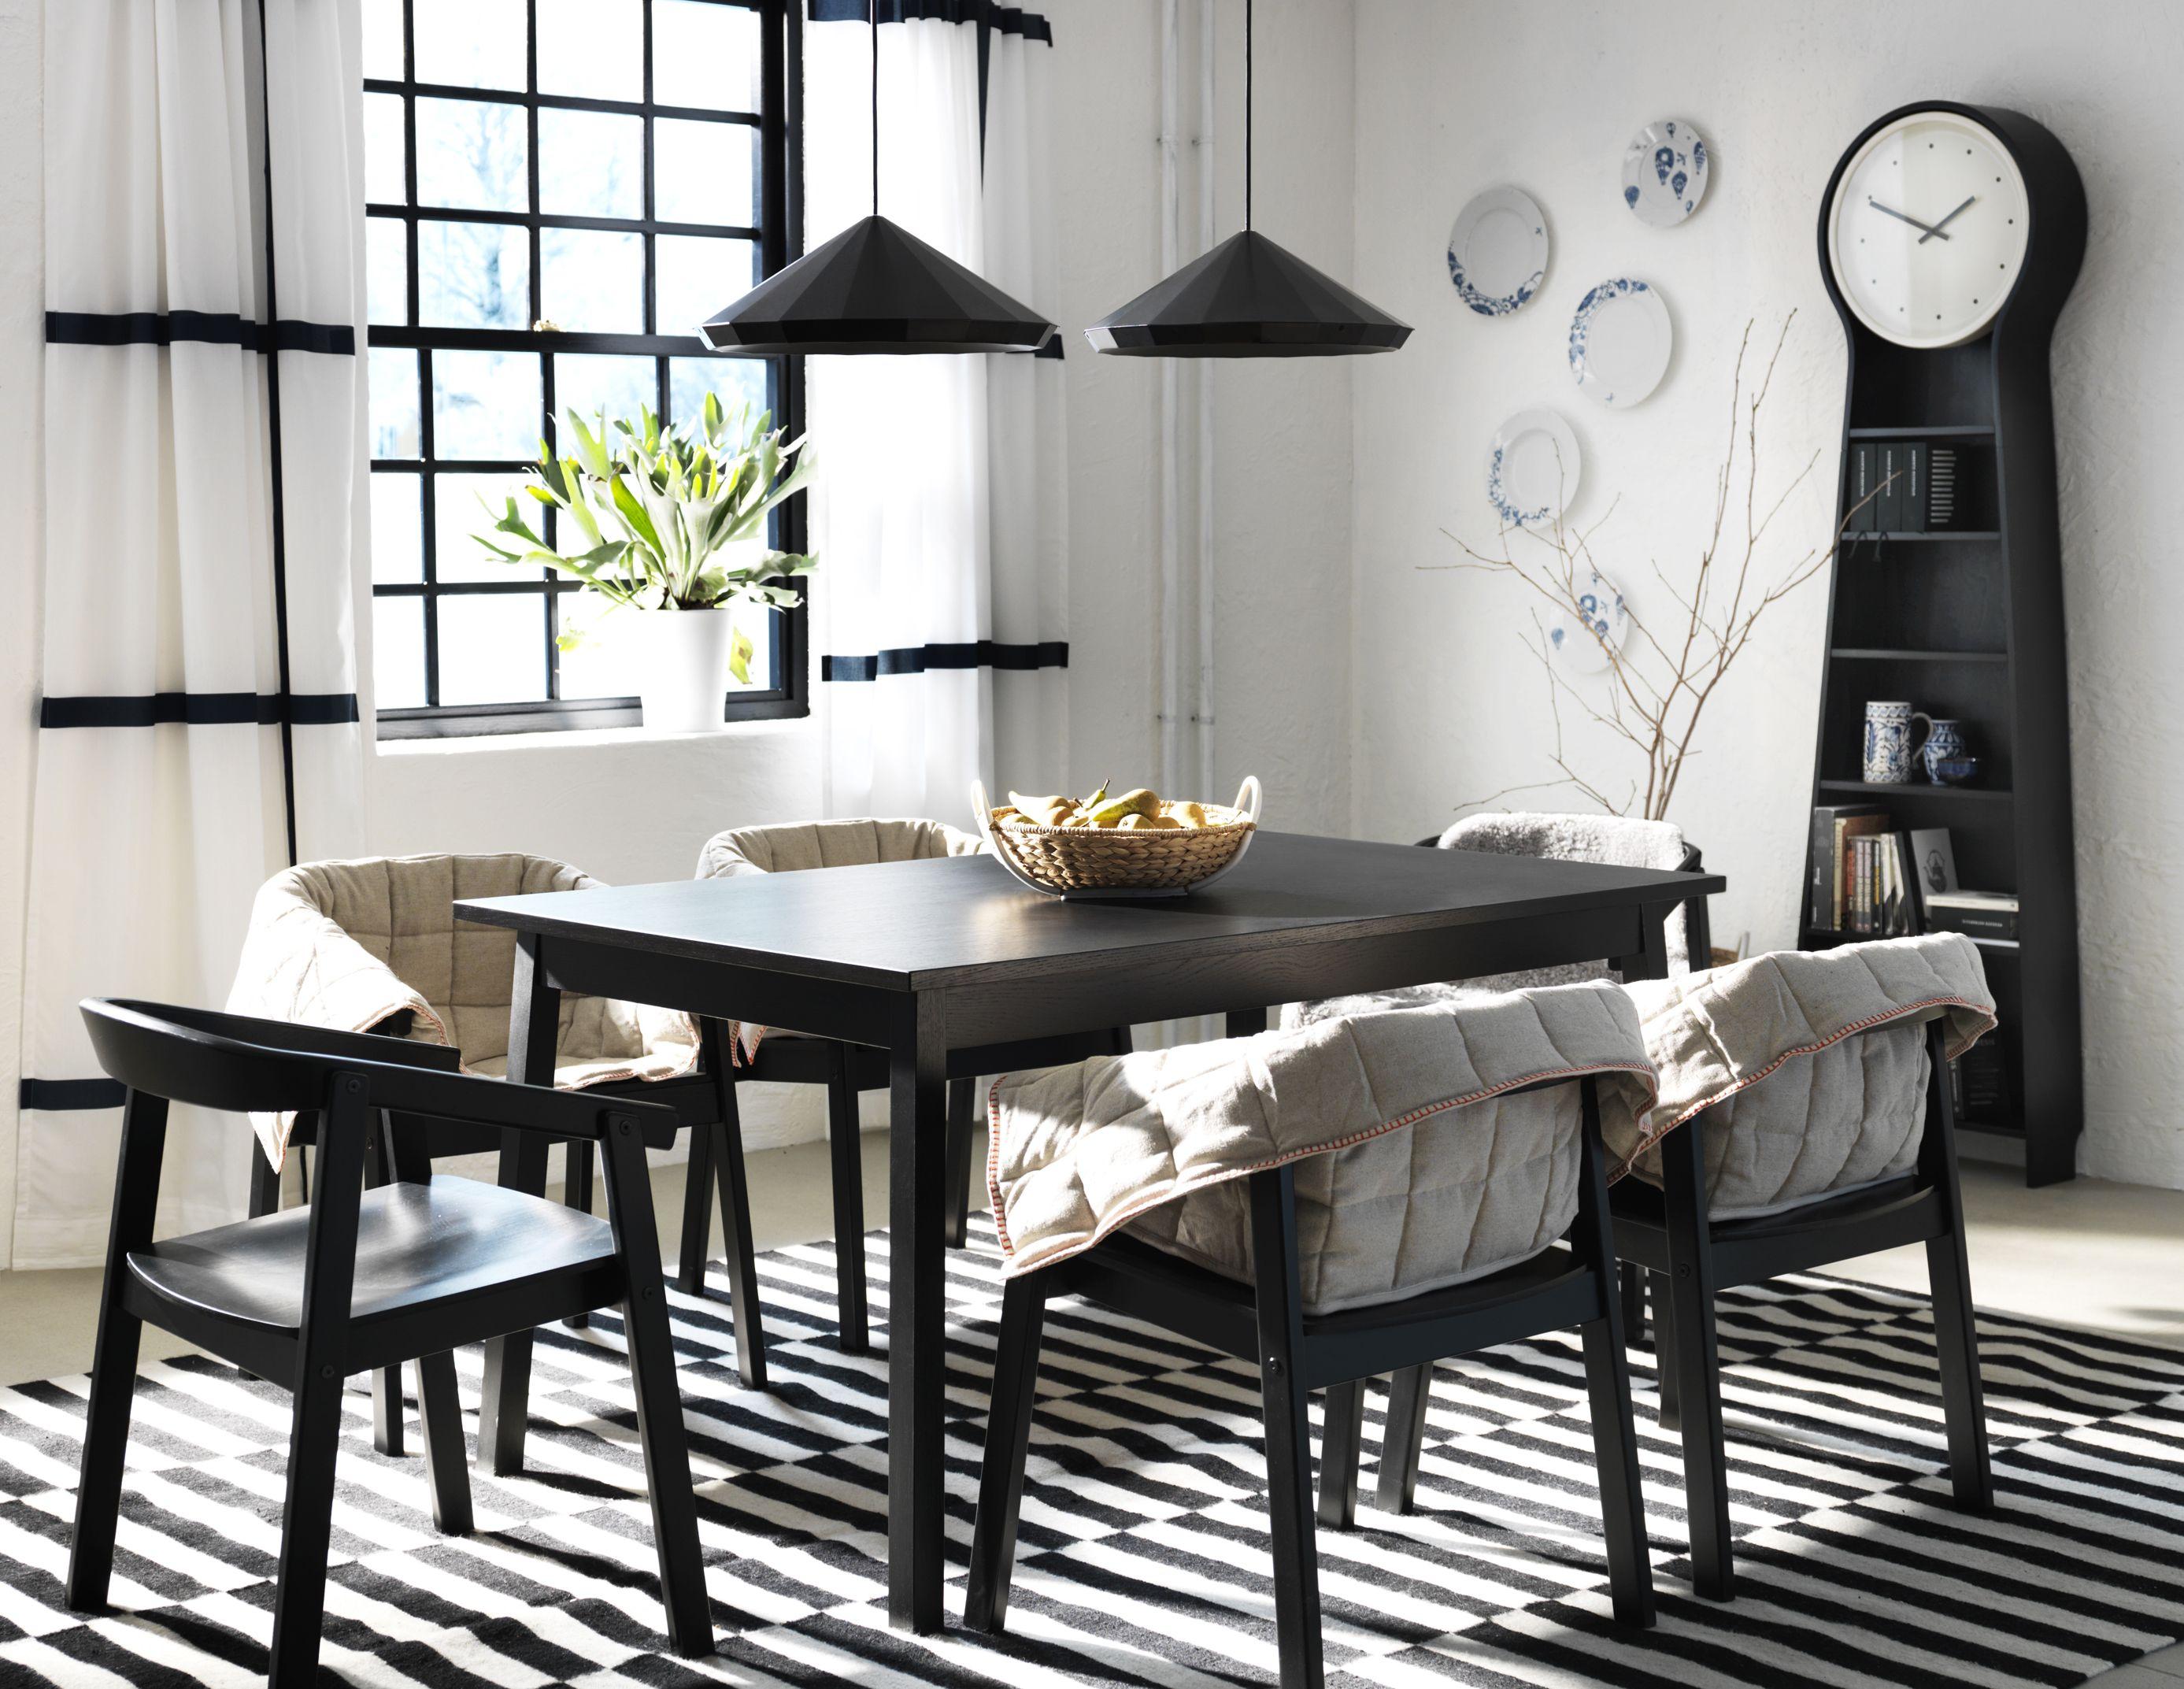 Ambiente de comedor de IKEA, con mesa y sillas de la colección ...